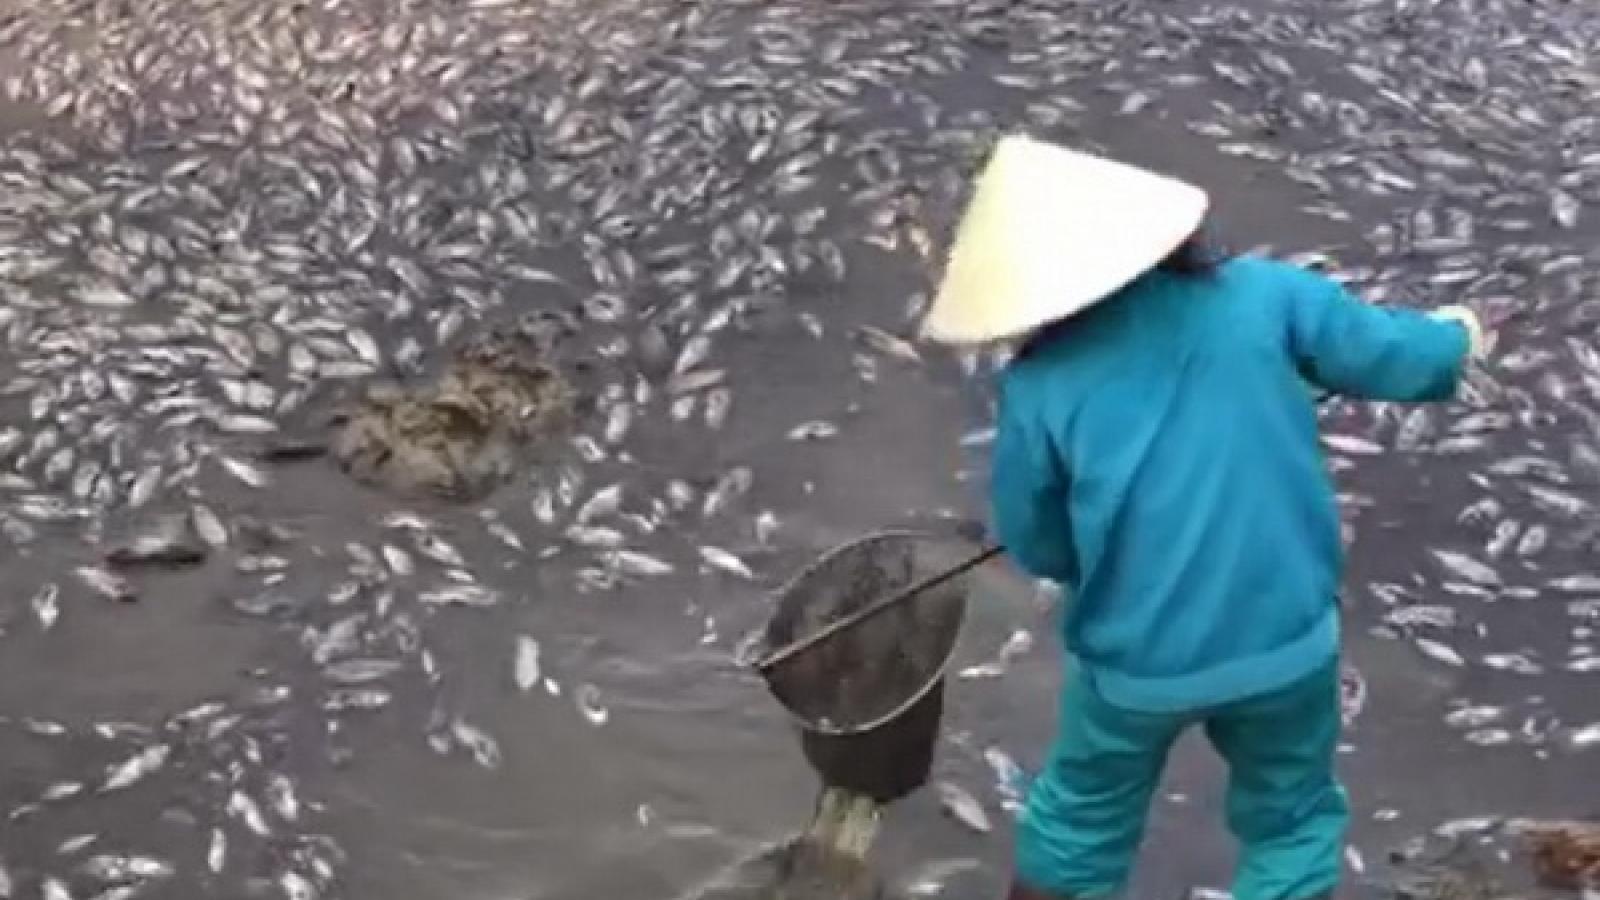 Cá chết hàng loạt nổi trắng hồ Trạm ở thành phố Đồng Hới